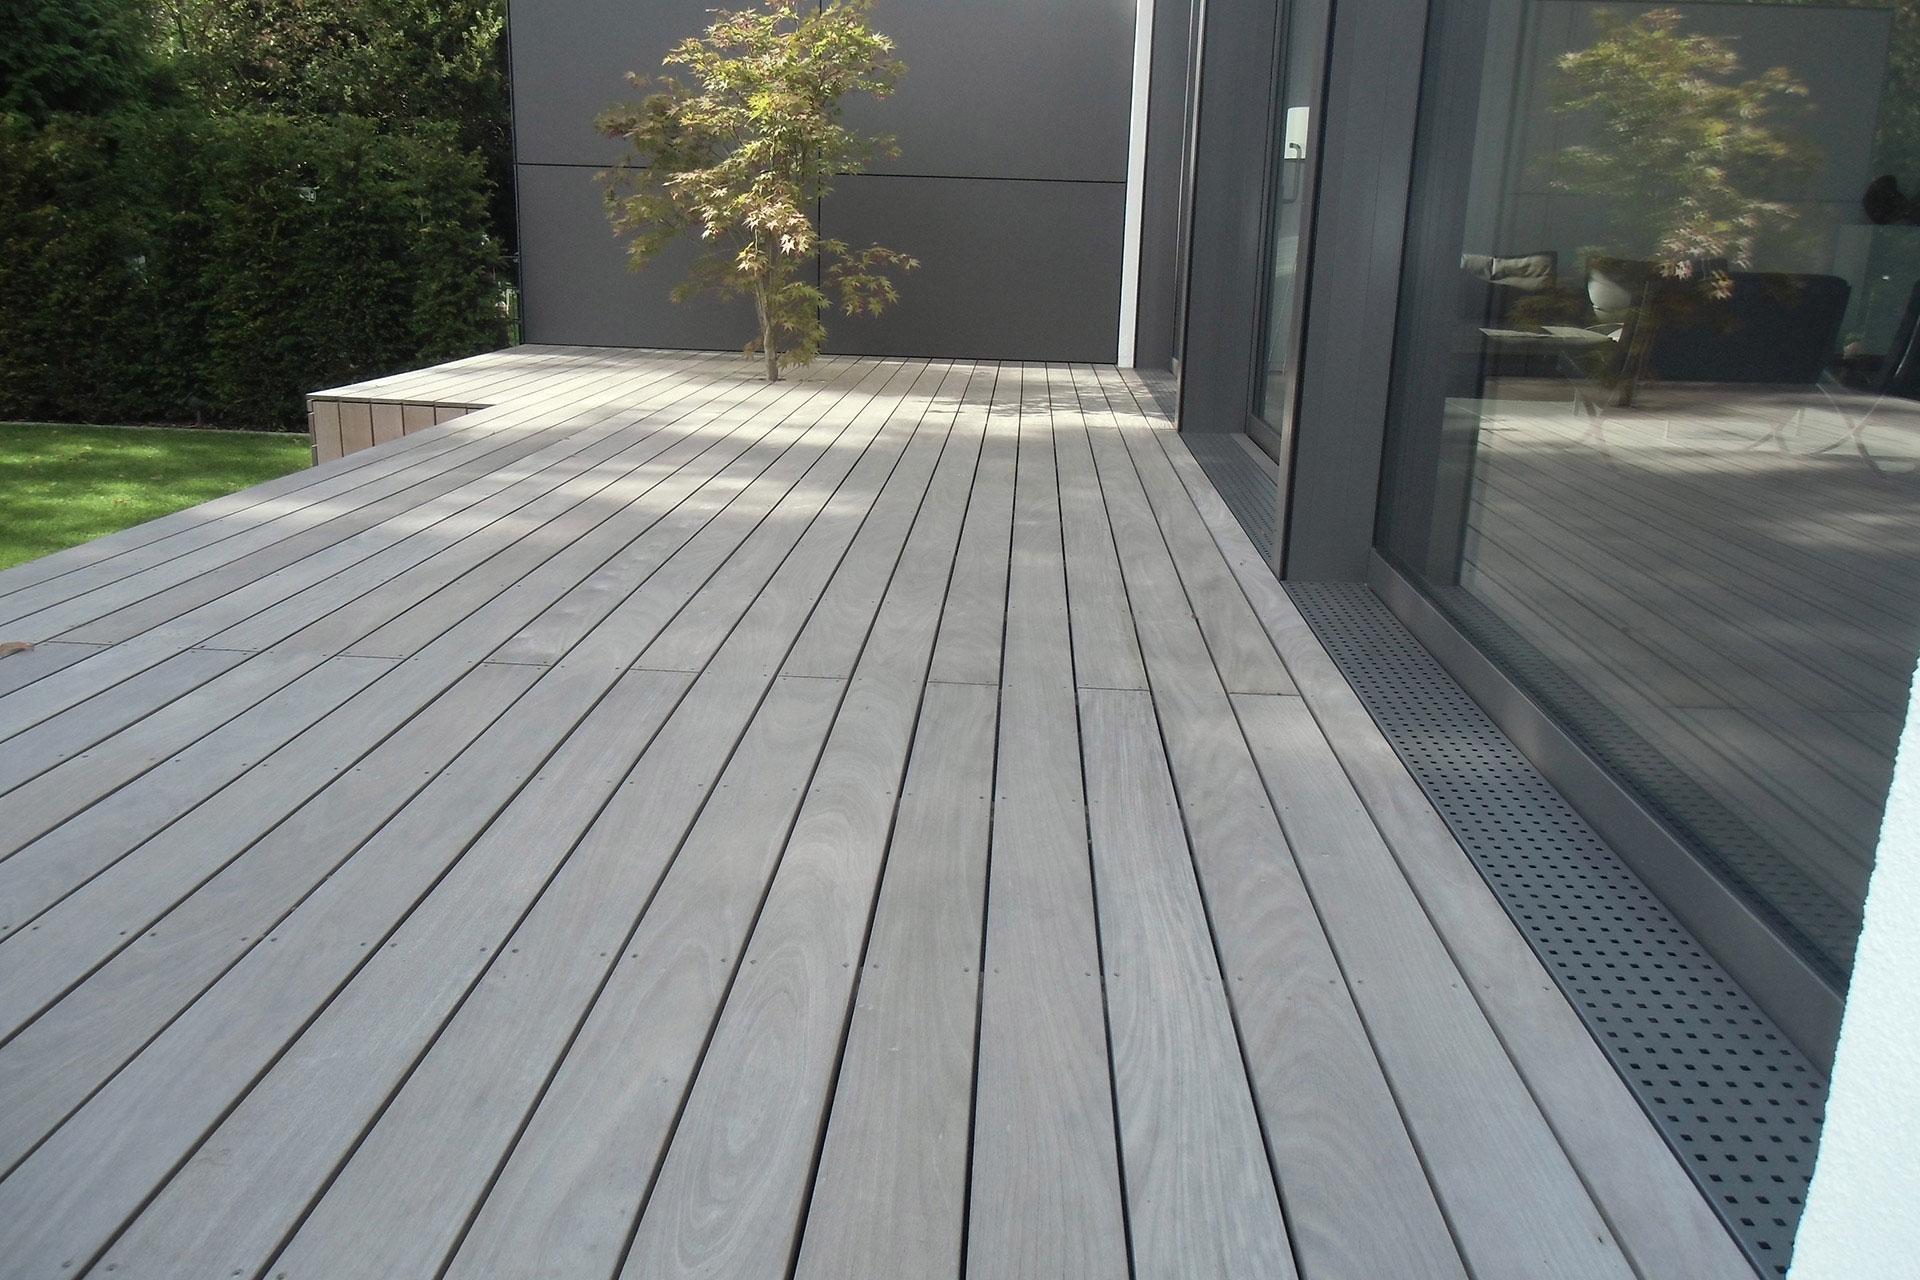 Parkett Dielen Verlegung Terrassen Holzhandlung Jansen Erkelenz